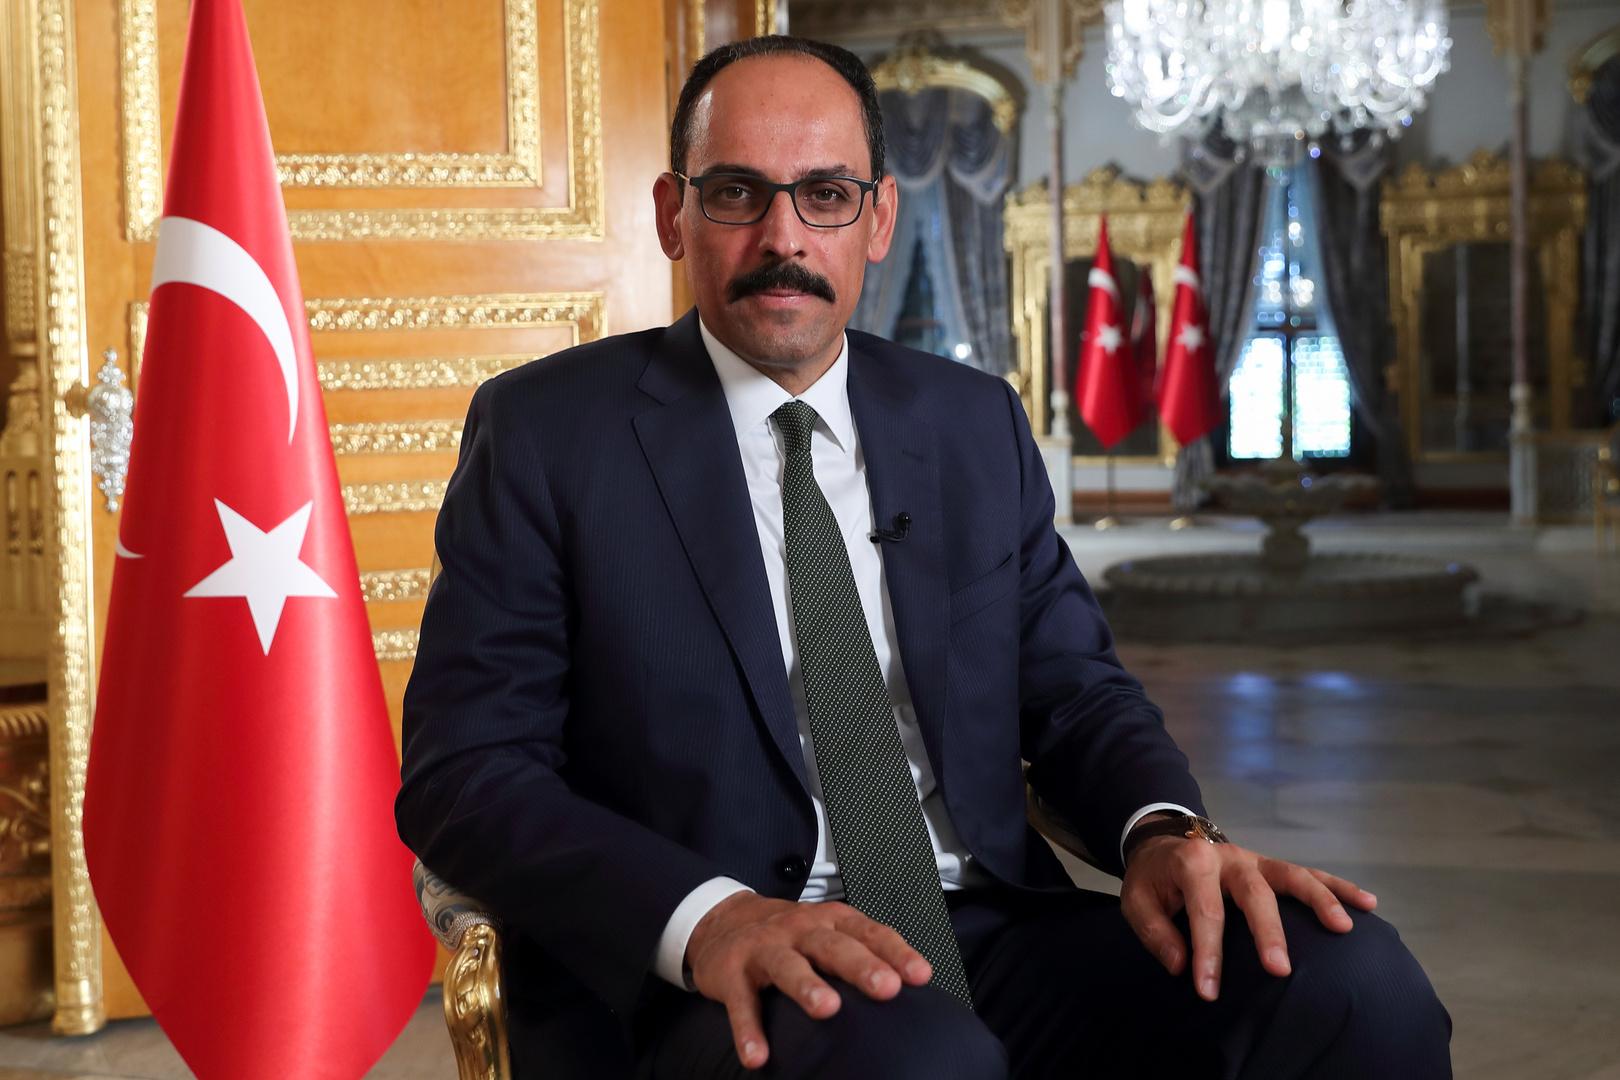 أنقرة: العقوبات بسبب منظومة s400 الروسية يلحق ضررا كبيرا بالعلاقات التركية الأمريكية